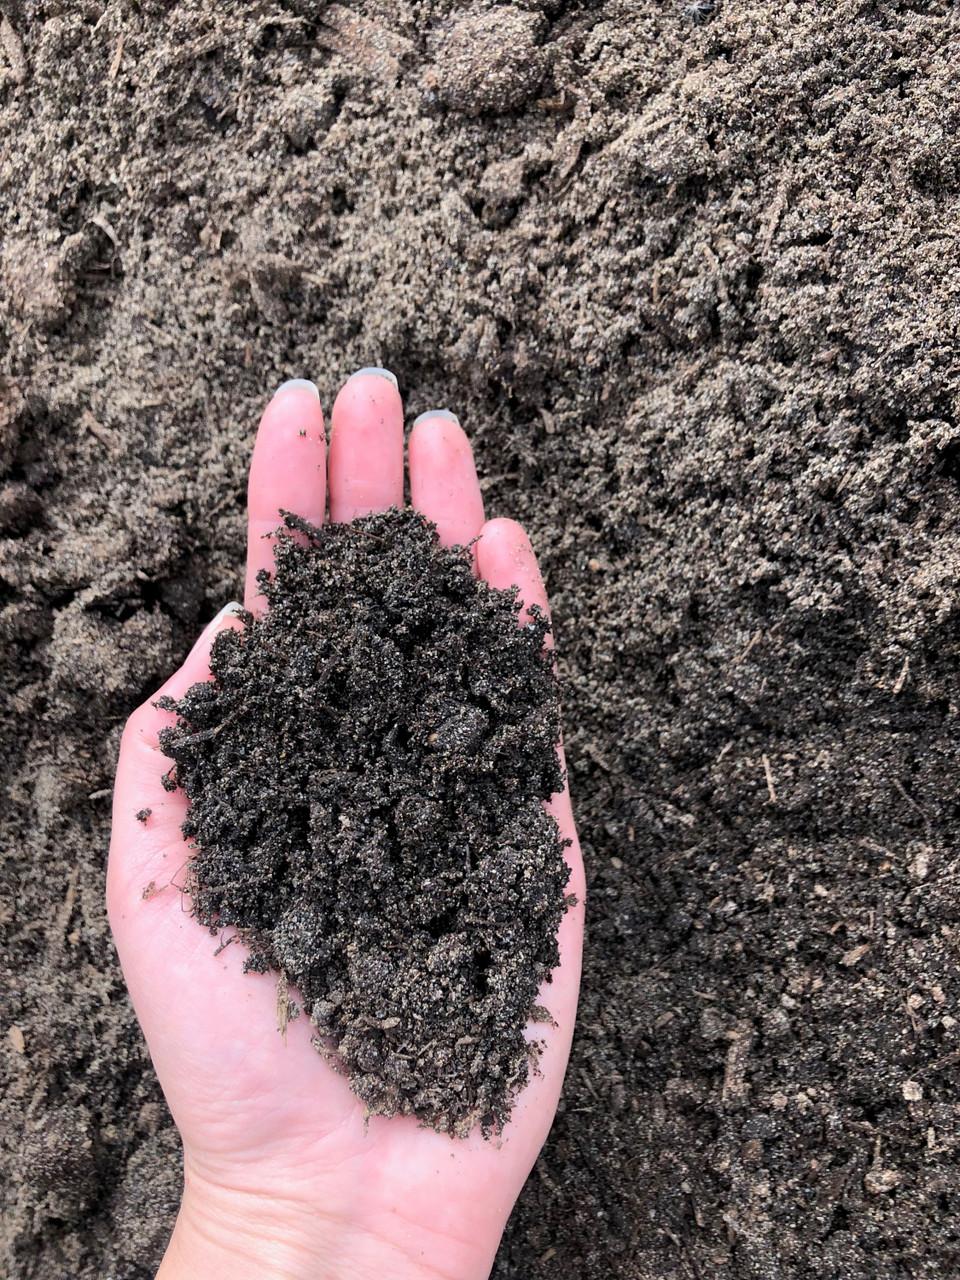 Turf Blend soil